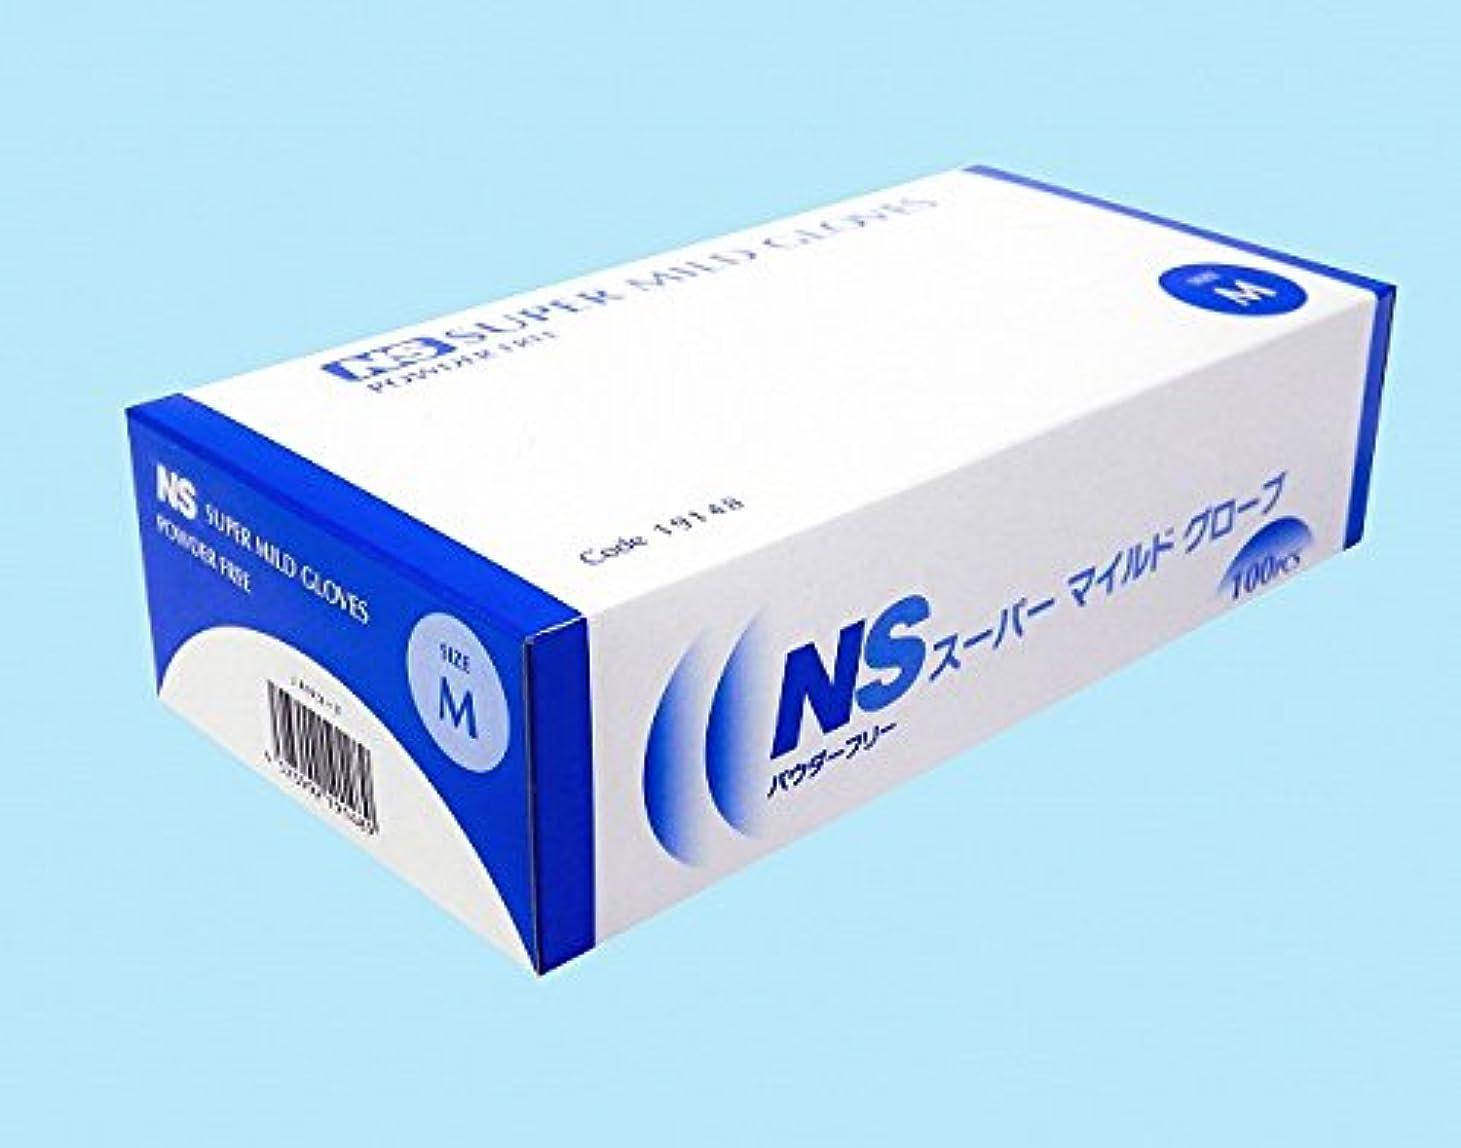 大事にする写真を撮る曇った【日昭産業】NS スーパーマイルド プラスチック手袋 パウダーフリー M 100枚*20箱入り (ケース販売)